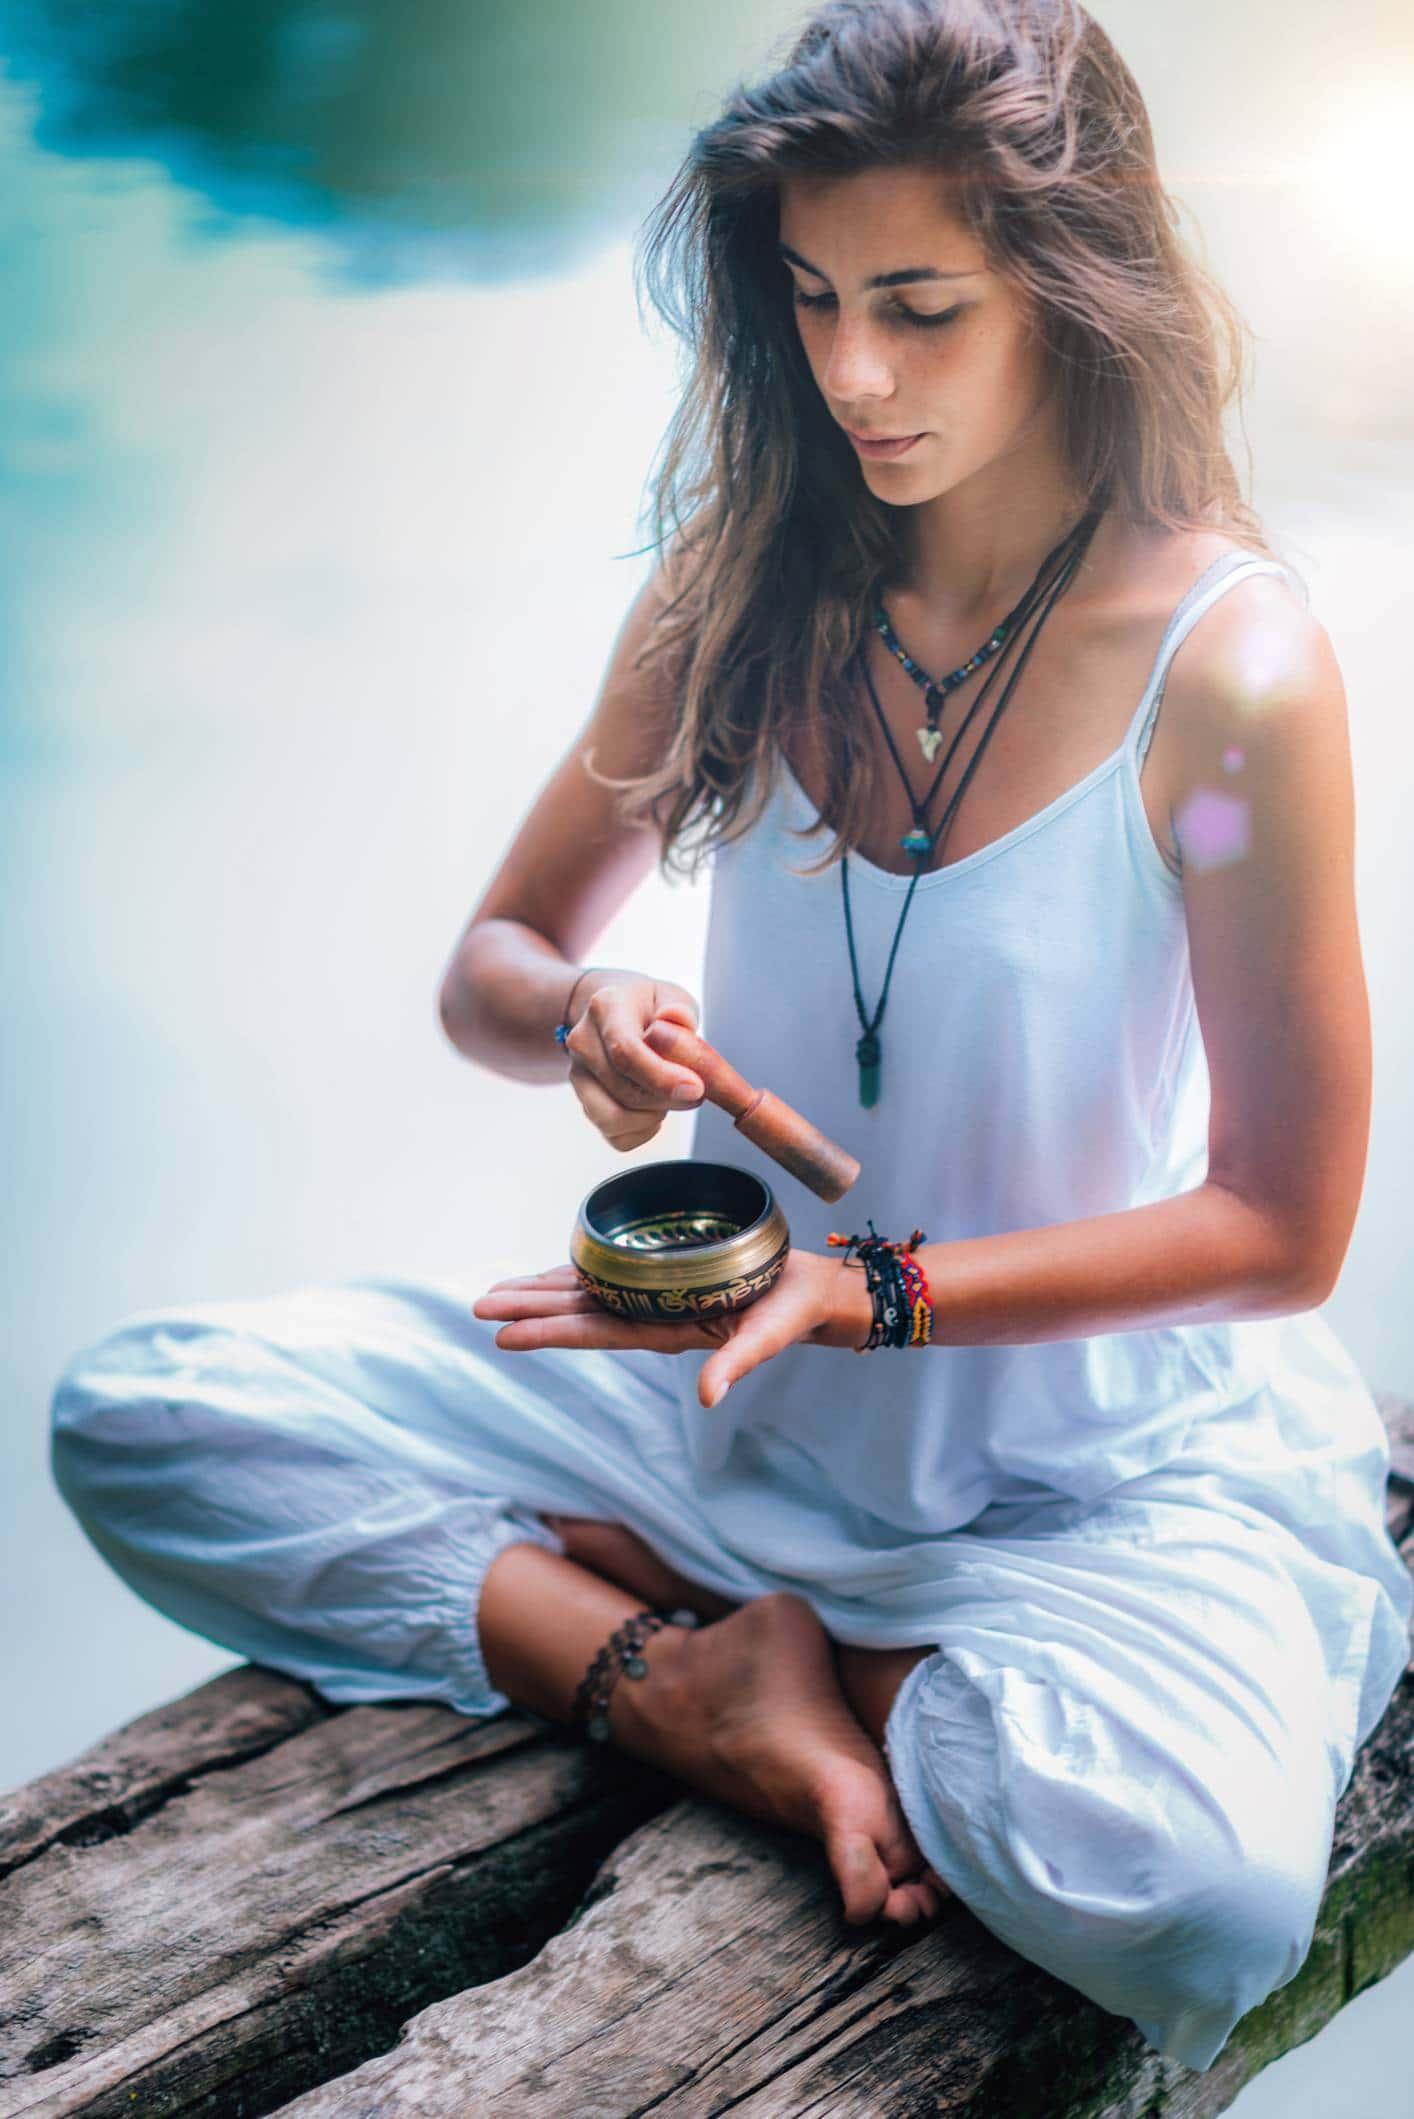 Une séance de méditation avec la musique